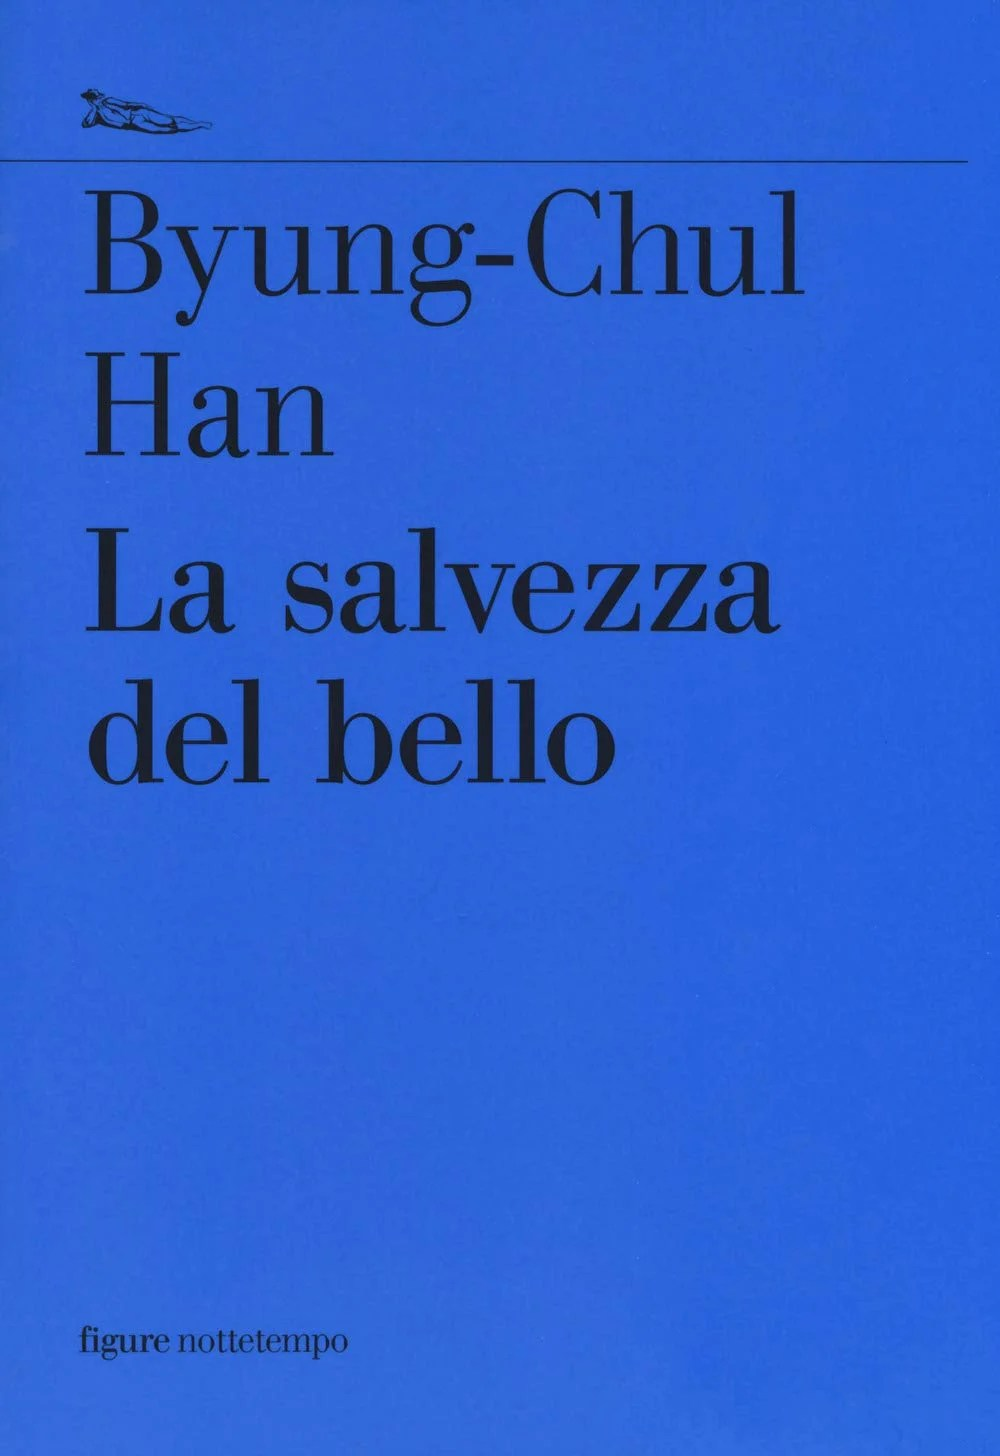 Recensione di La Salvezza Del Bello – Byung-Chul Han